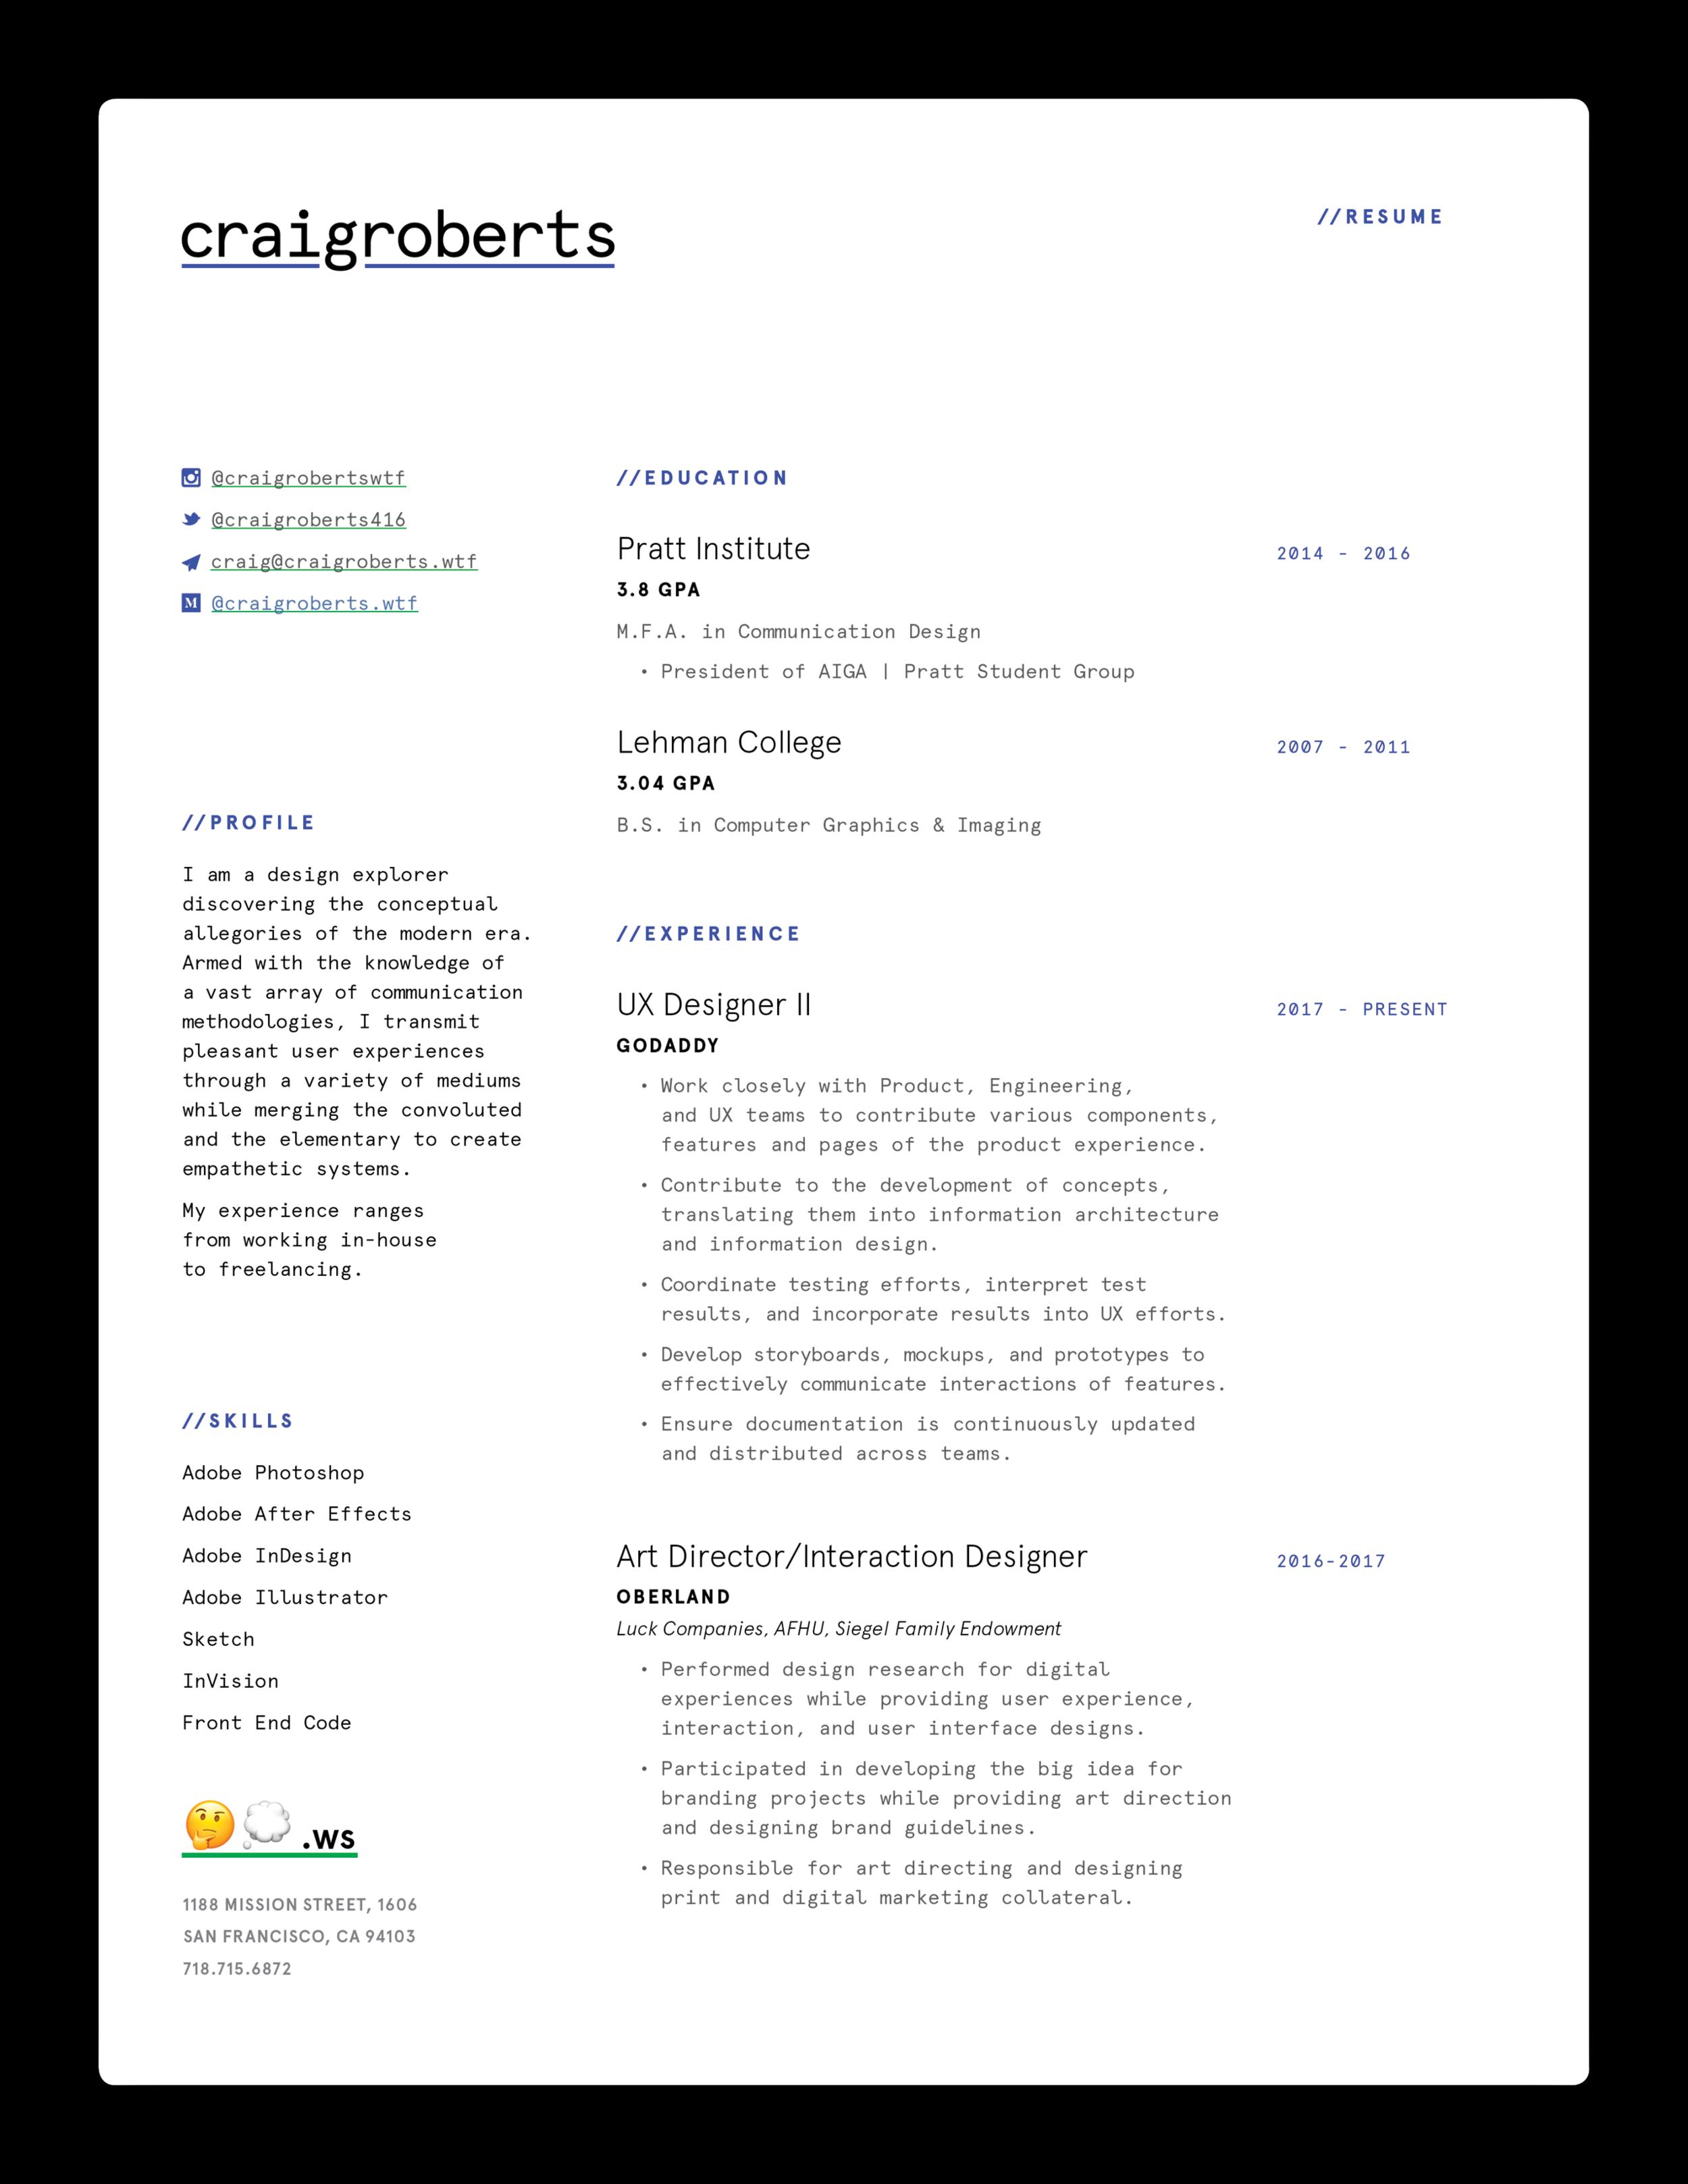 Resume Holder.png